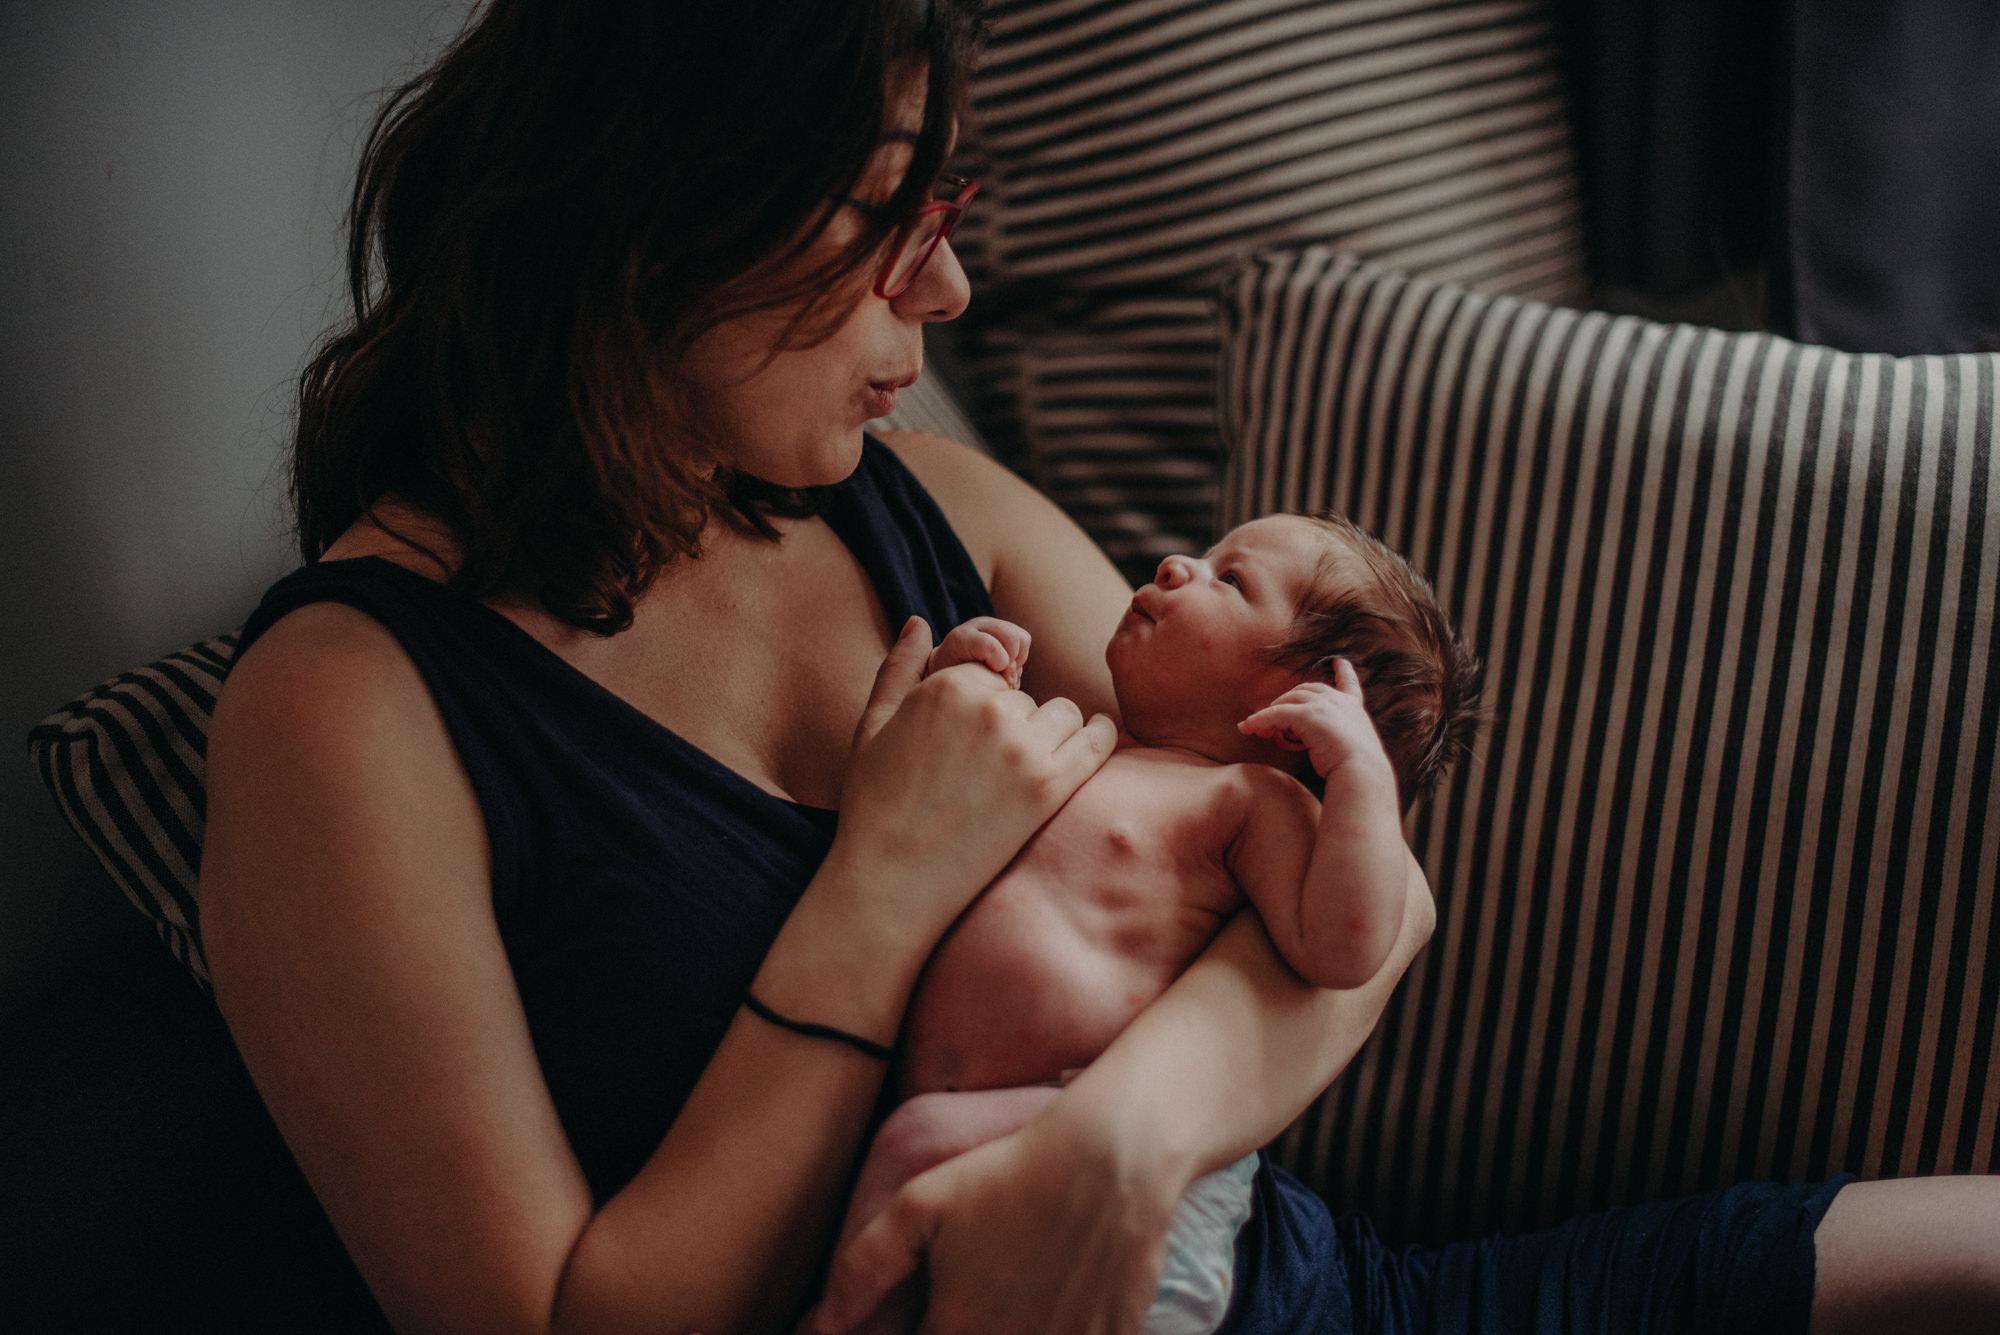 Fototipps für natürliche Babyfotos